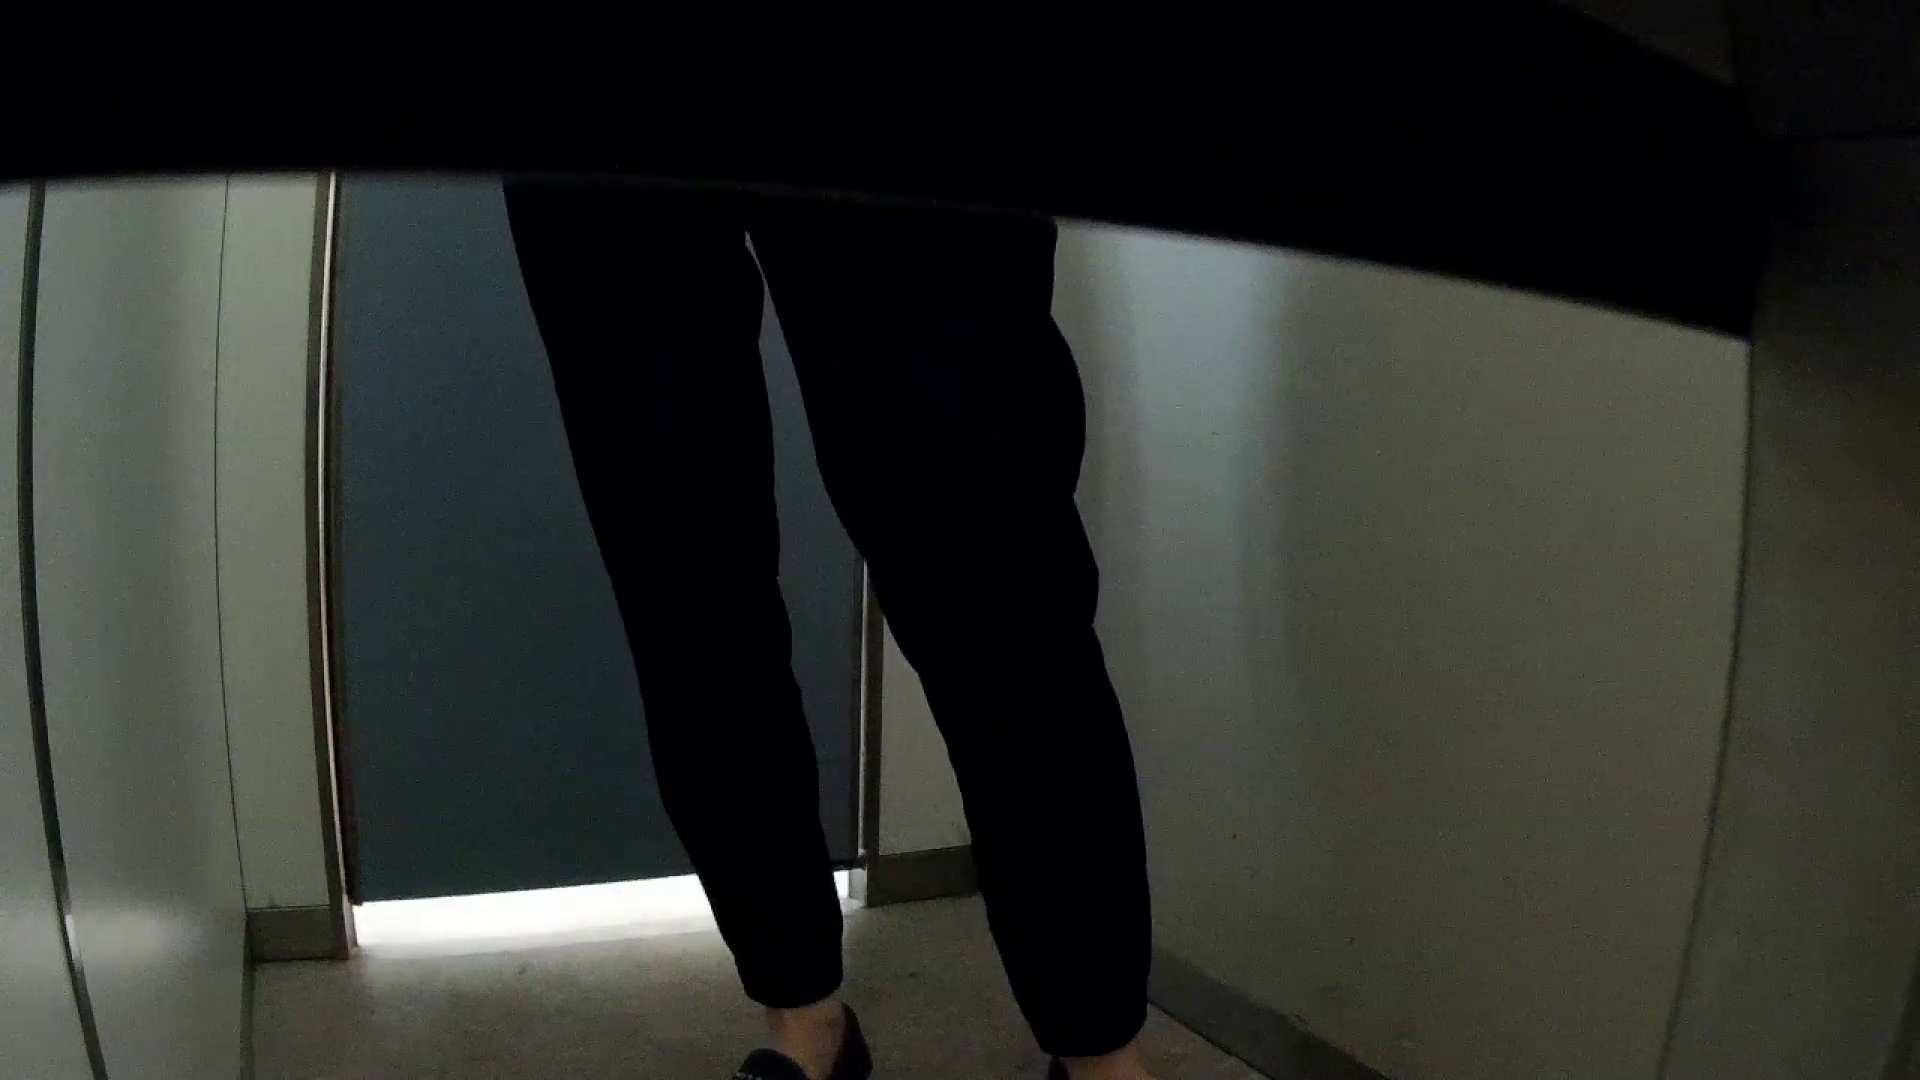 痴態洗面所 Vol.12 究極のちらリズム見逃し厳禁!! 洗面所 オマンコ無修正動画無料 58画像 51